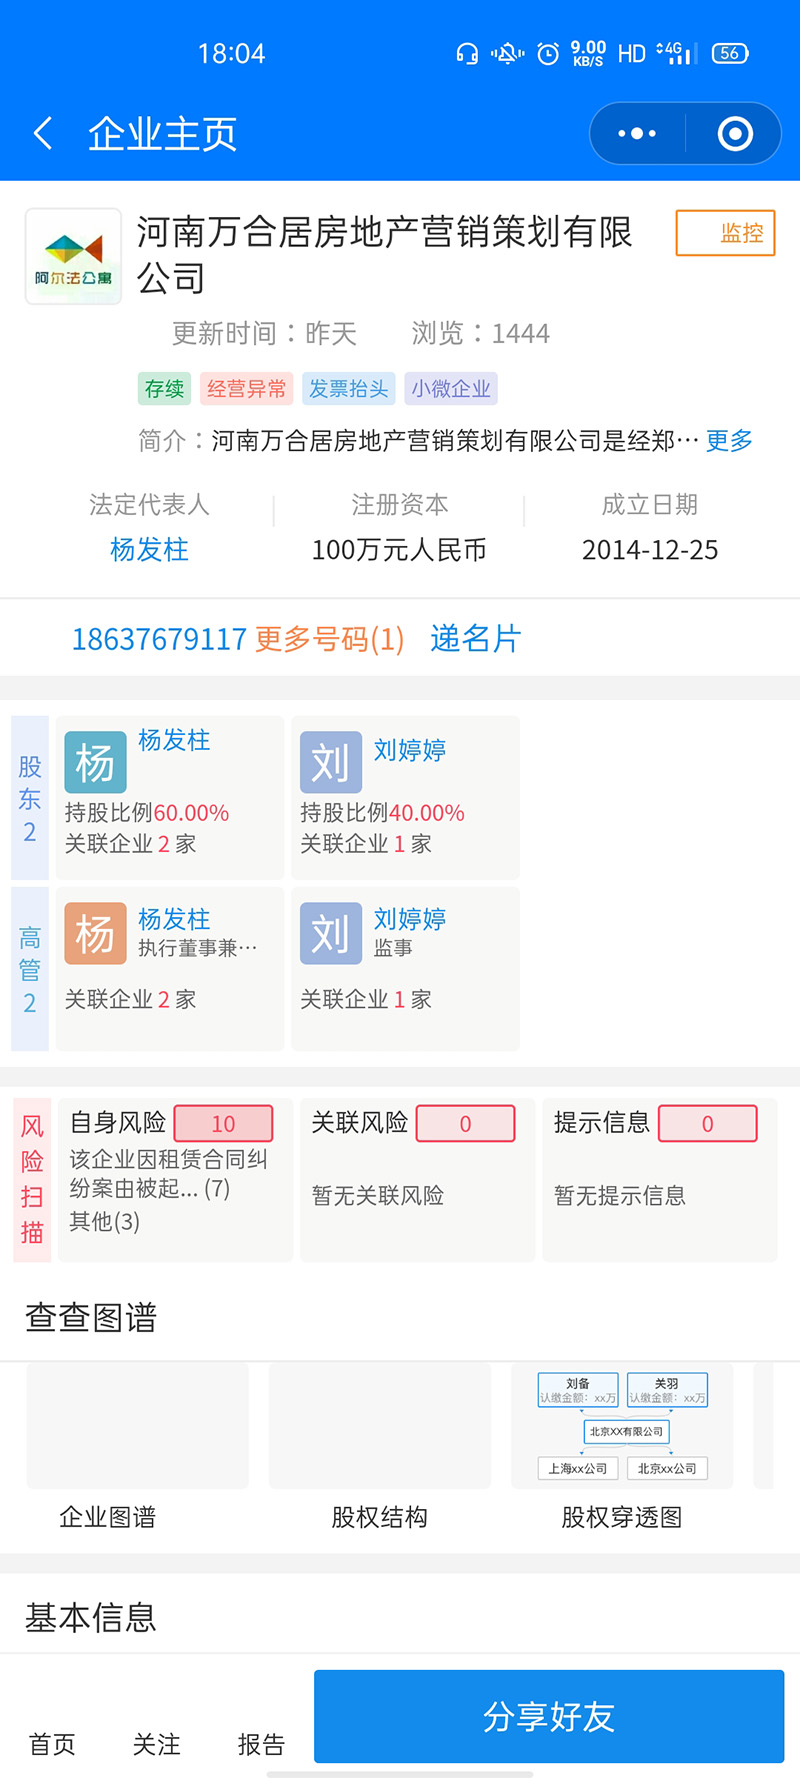 郑州又一中介跑路 租客被房东要求限期搬离